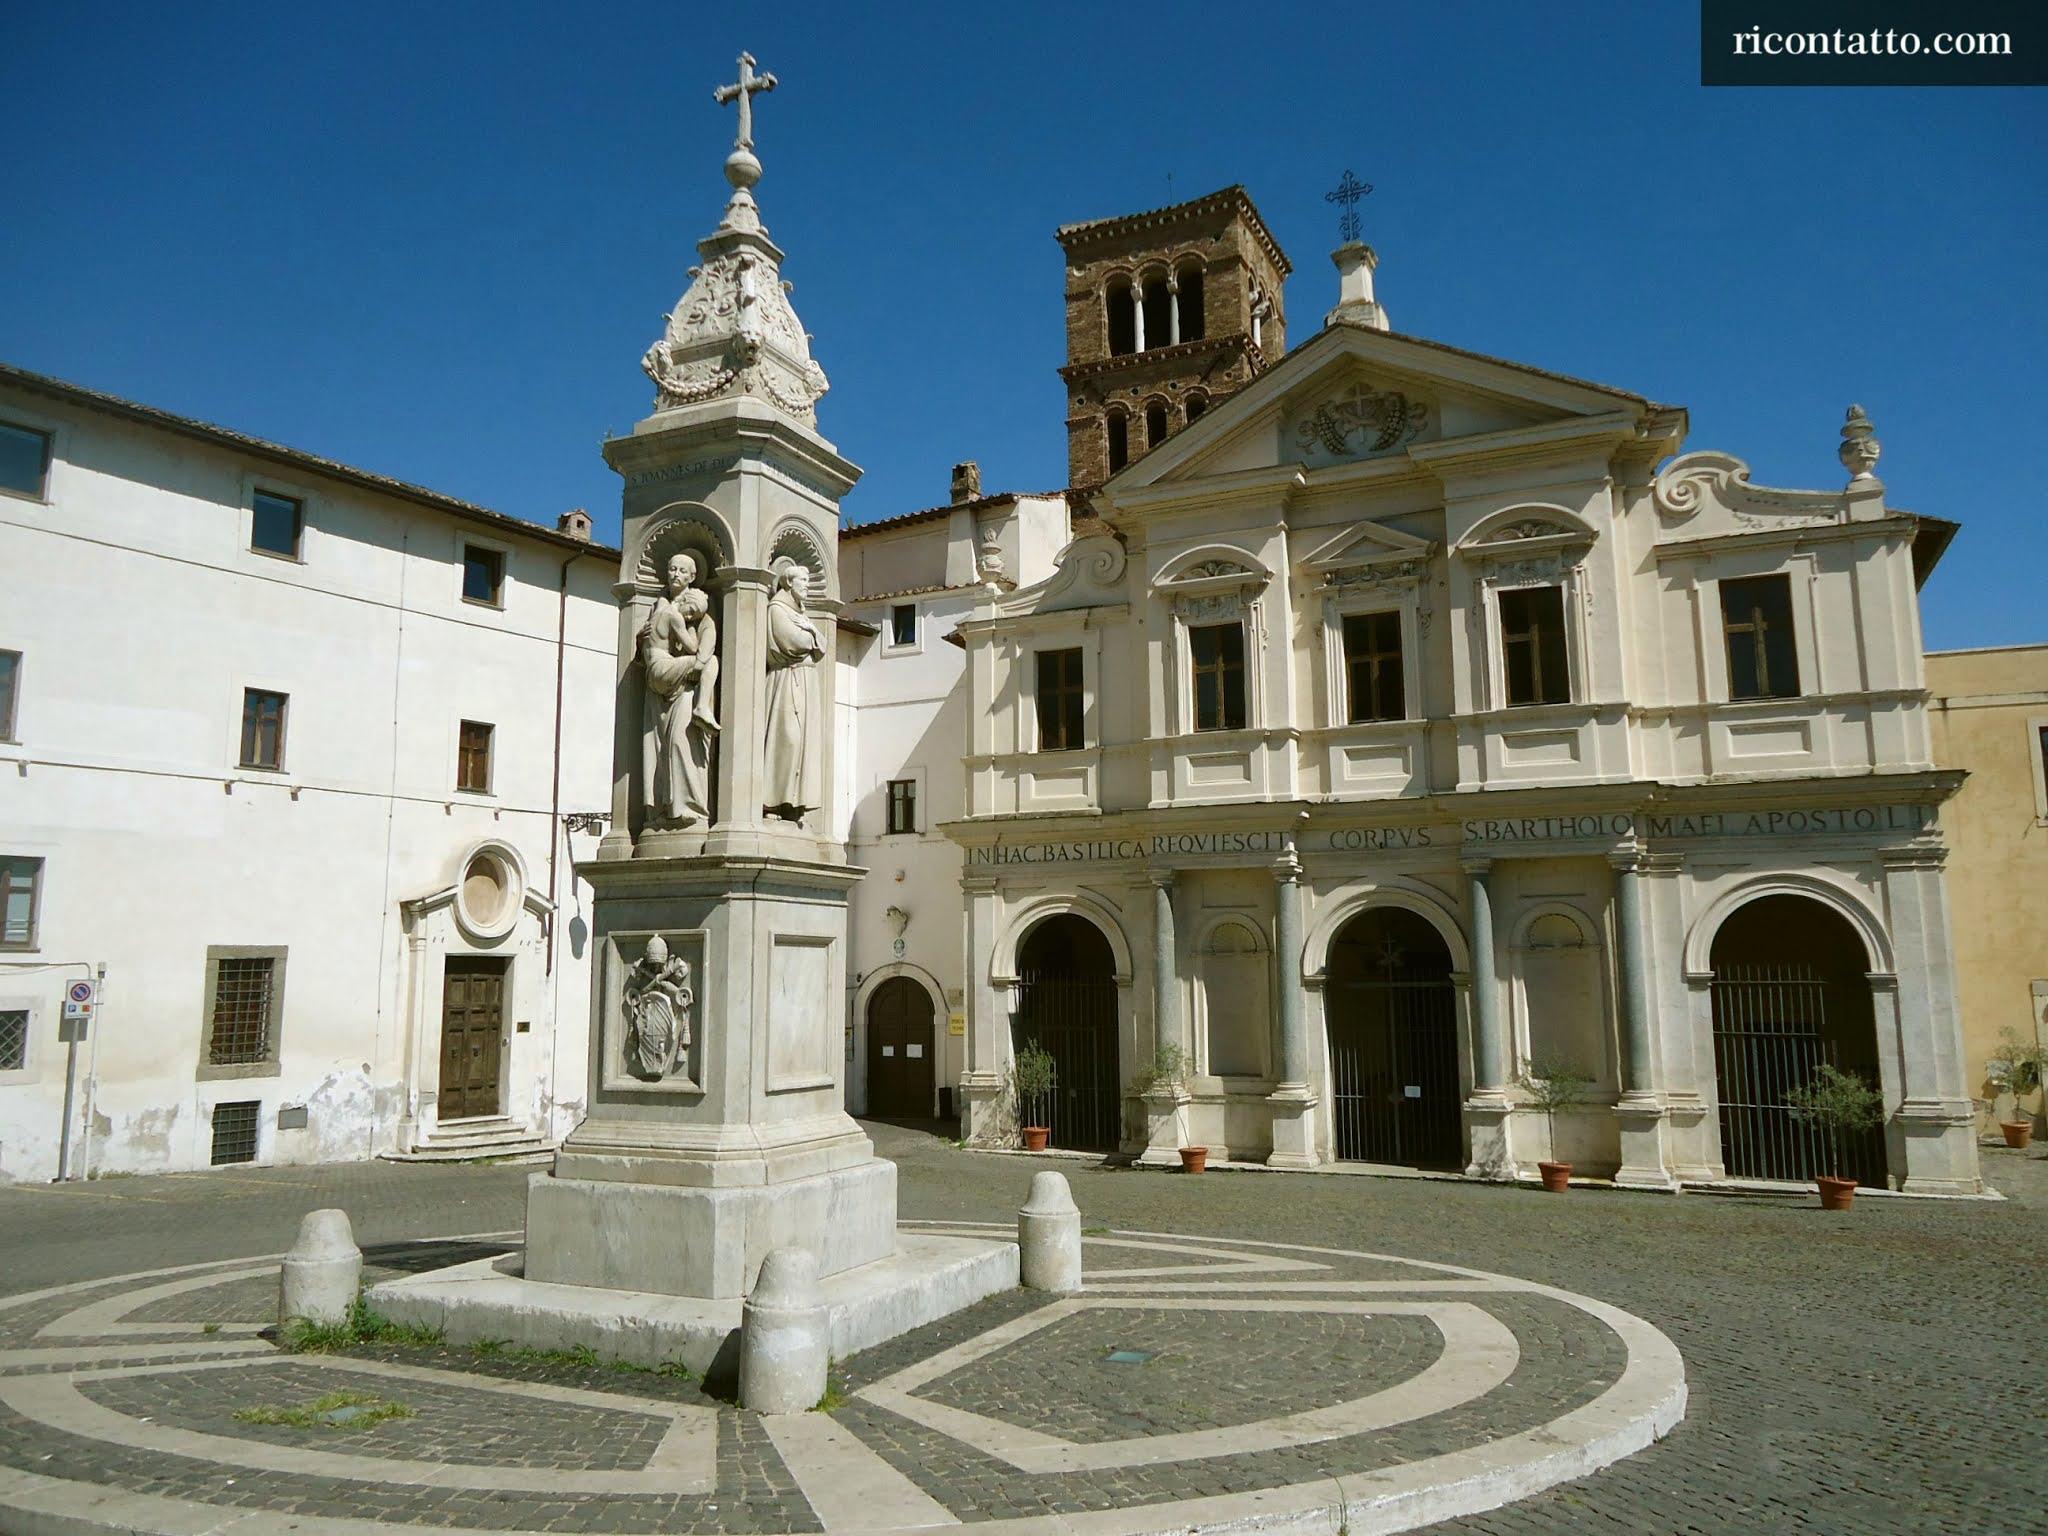 Roma, Lazio, Italy - Photo #09 by Ricontatto.com